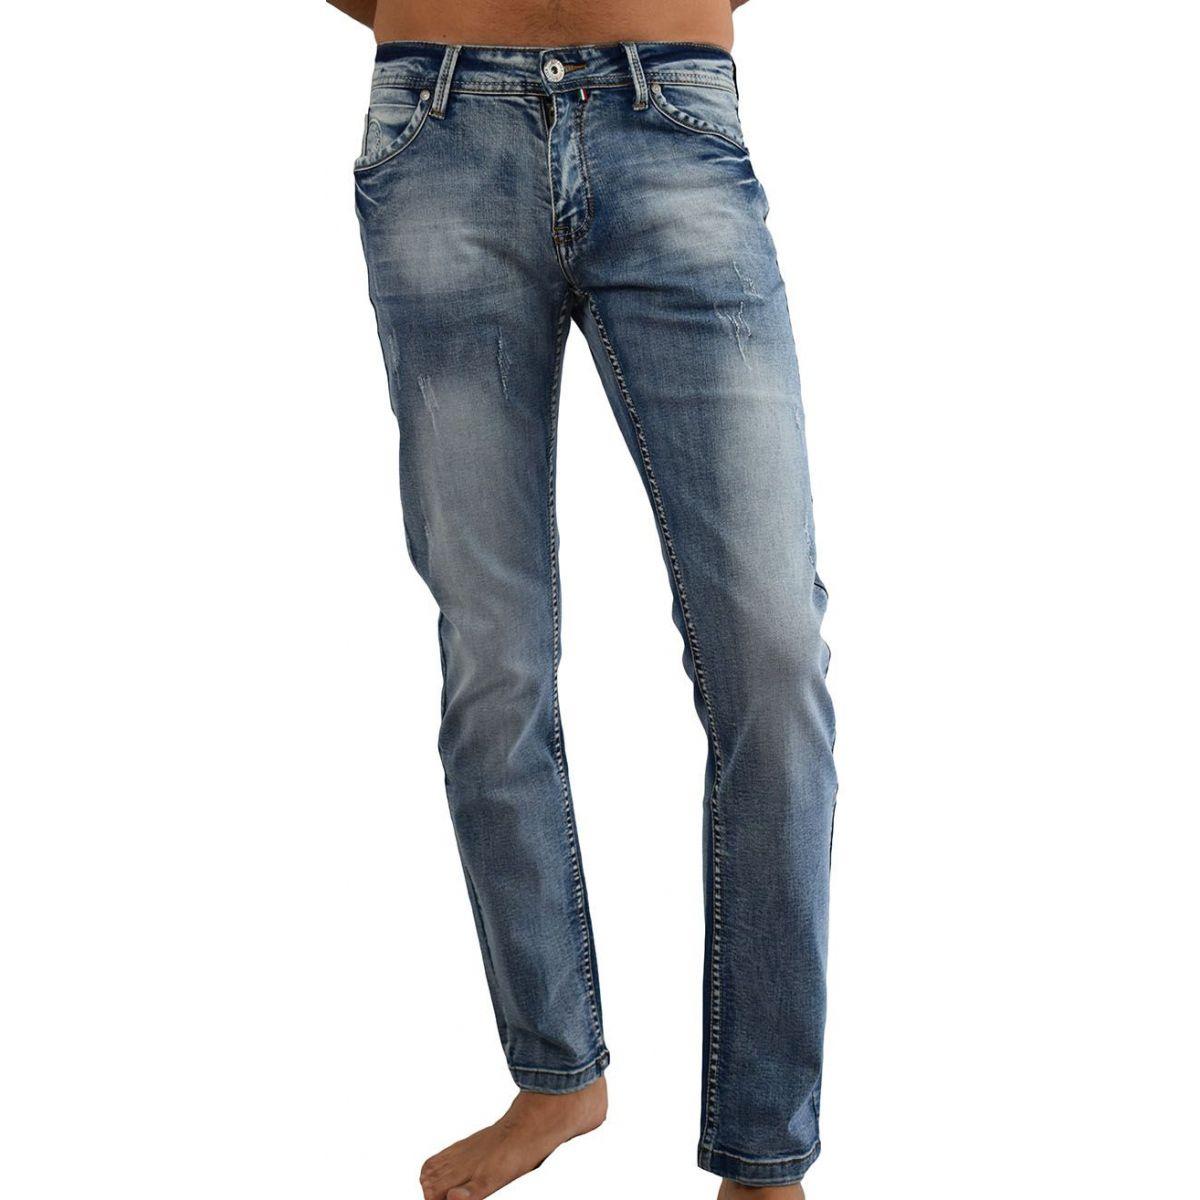 jeans homme fashion bleu d lav